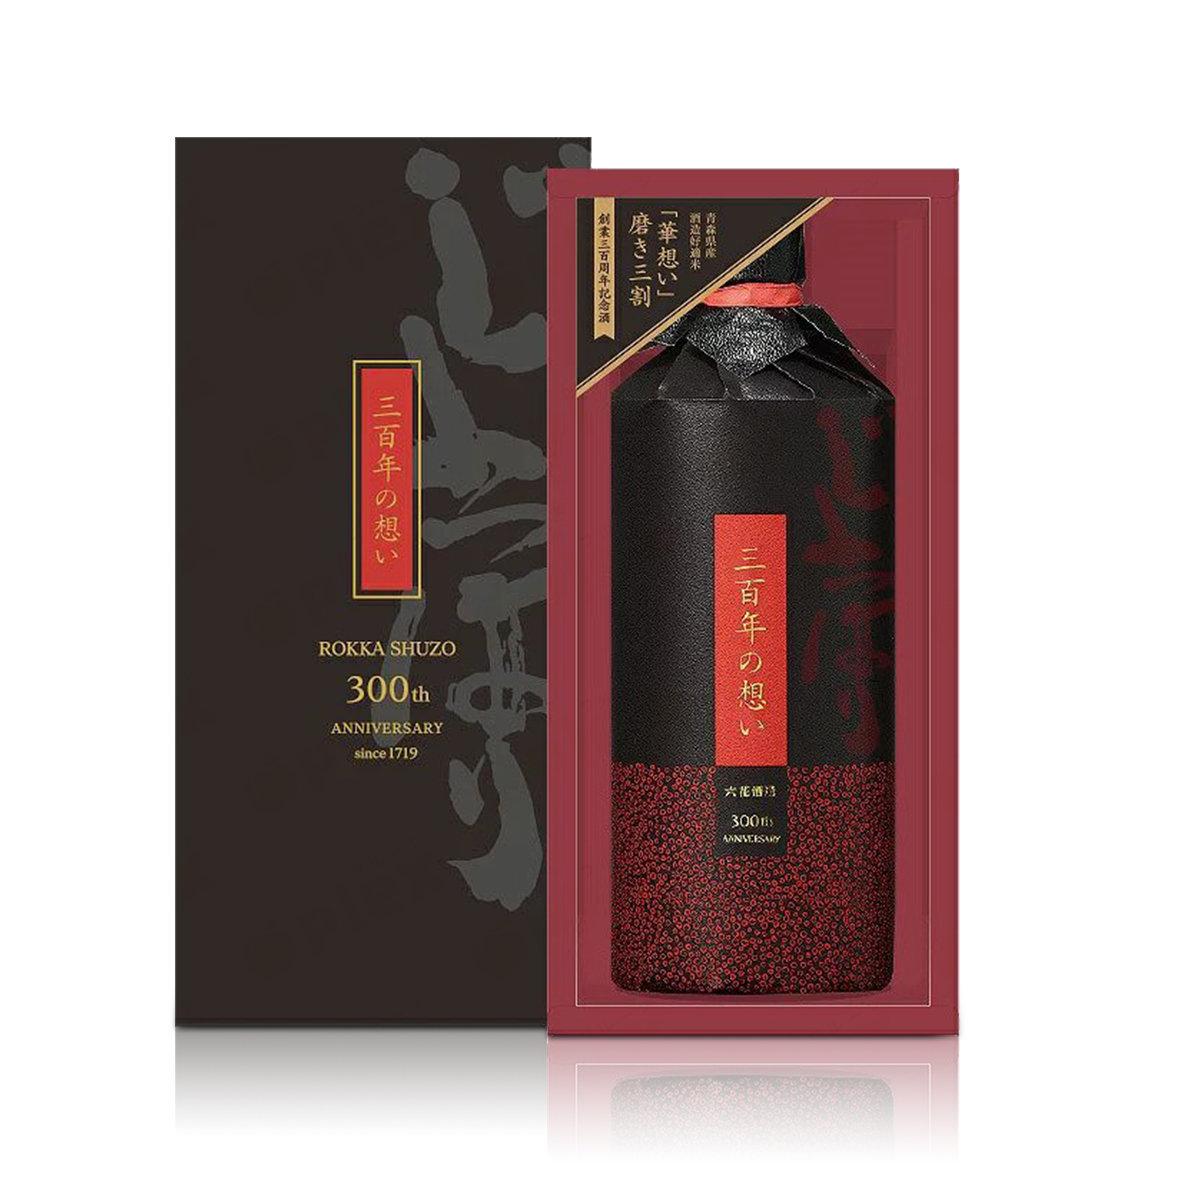 「300年紀念版」「華想- 三百年の想い」純米大吟醸 [精米度30%] 720毫升